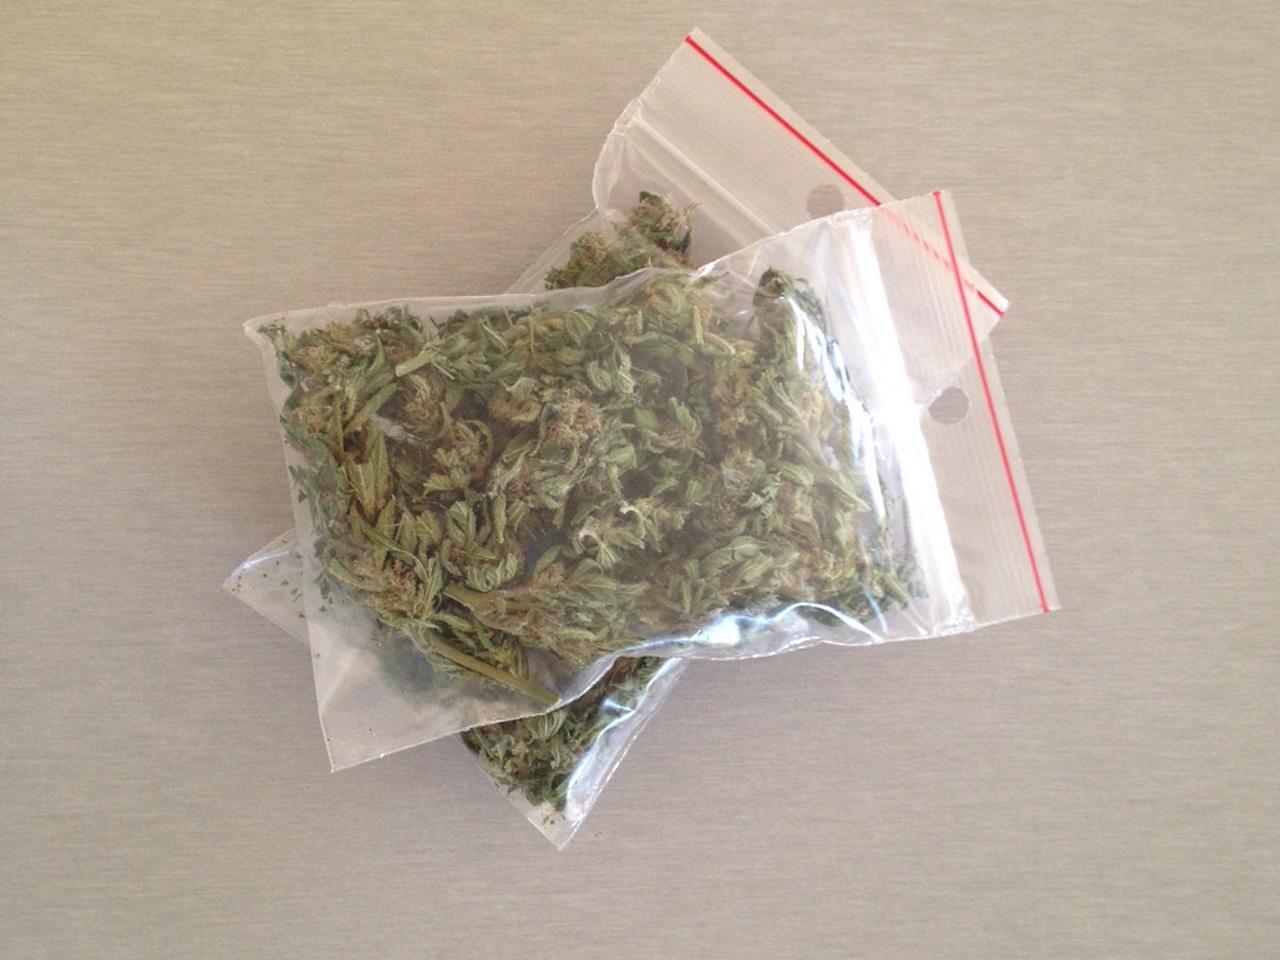 Vaulx En Velin Son Allocation Chmage Part Dans Le Cannabis Il Deale Pour Ses Autres Dpenses